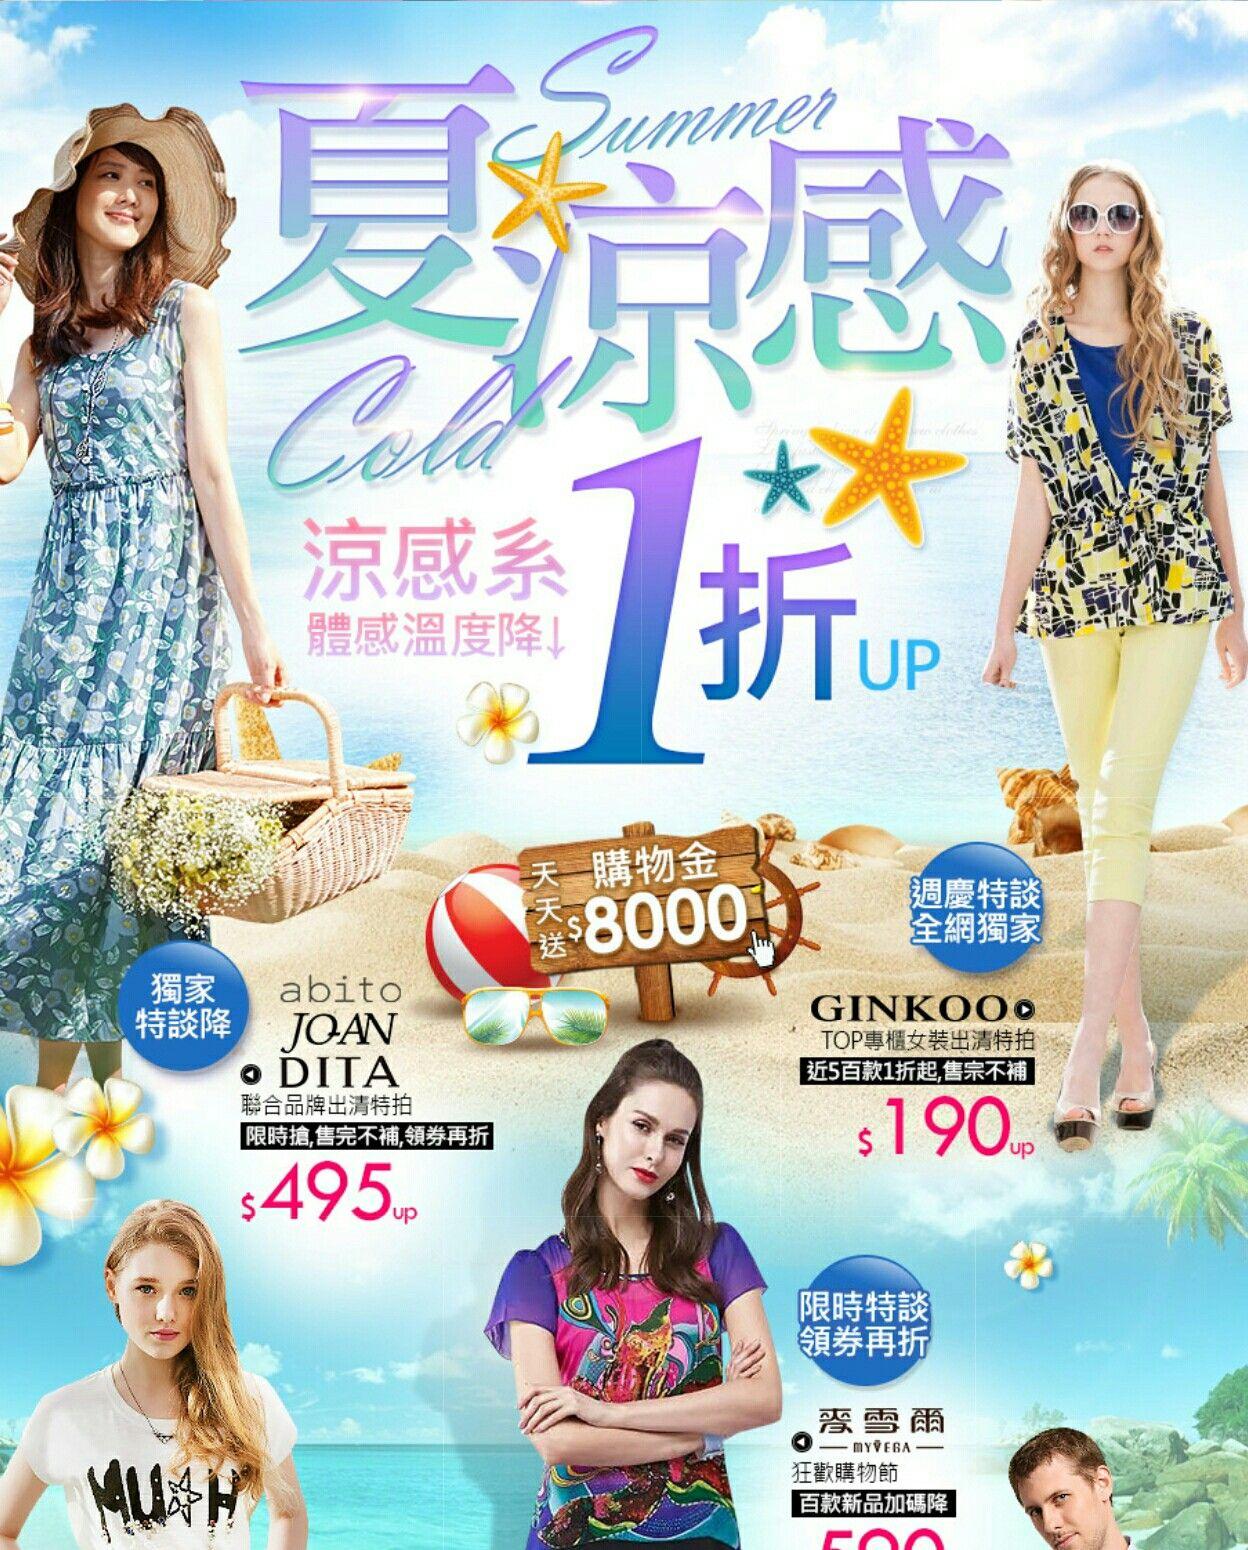 夏季女裝促銷活動頁面設計欣賞